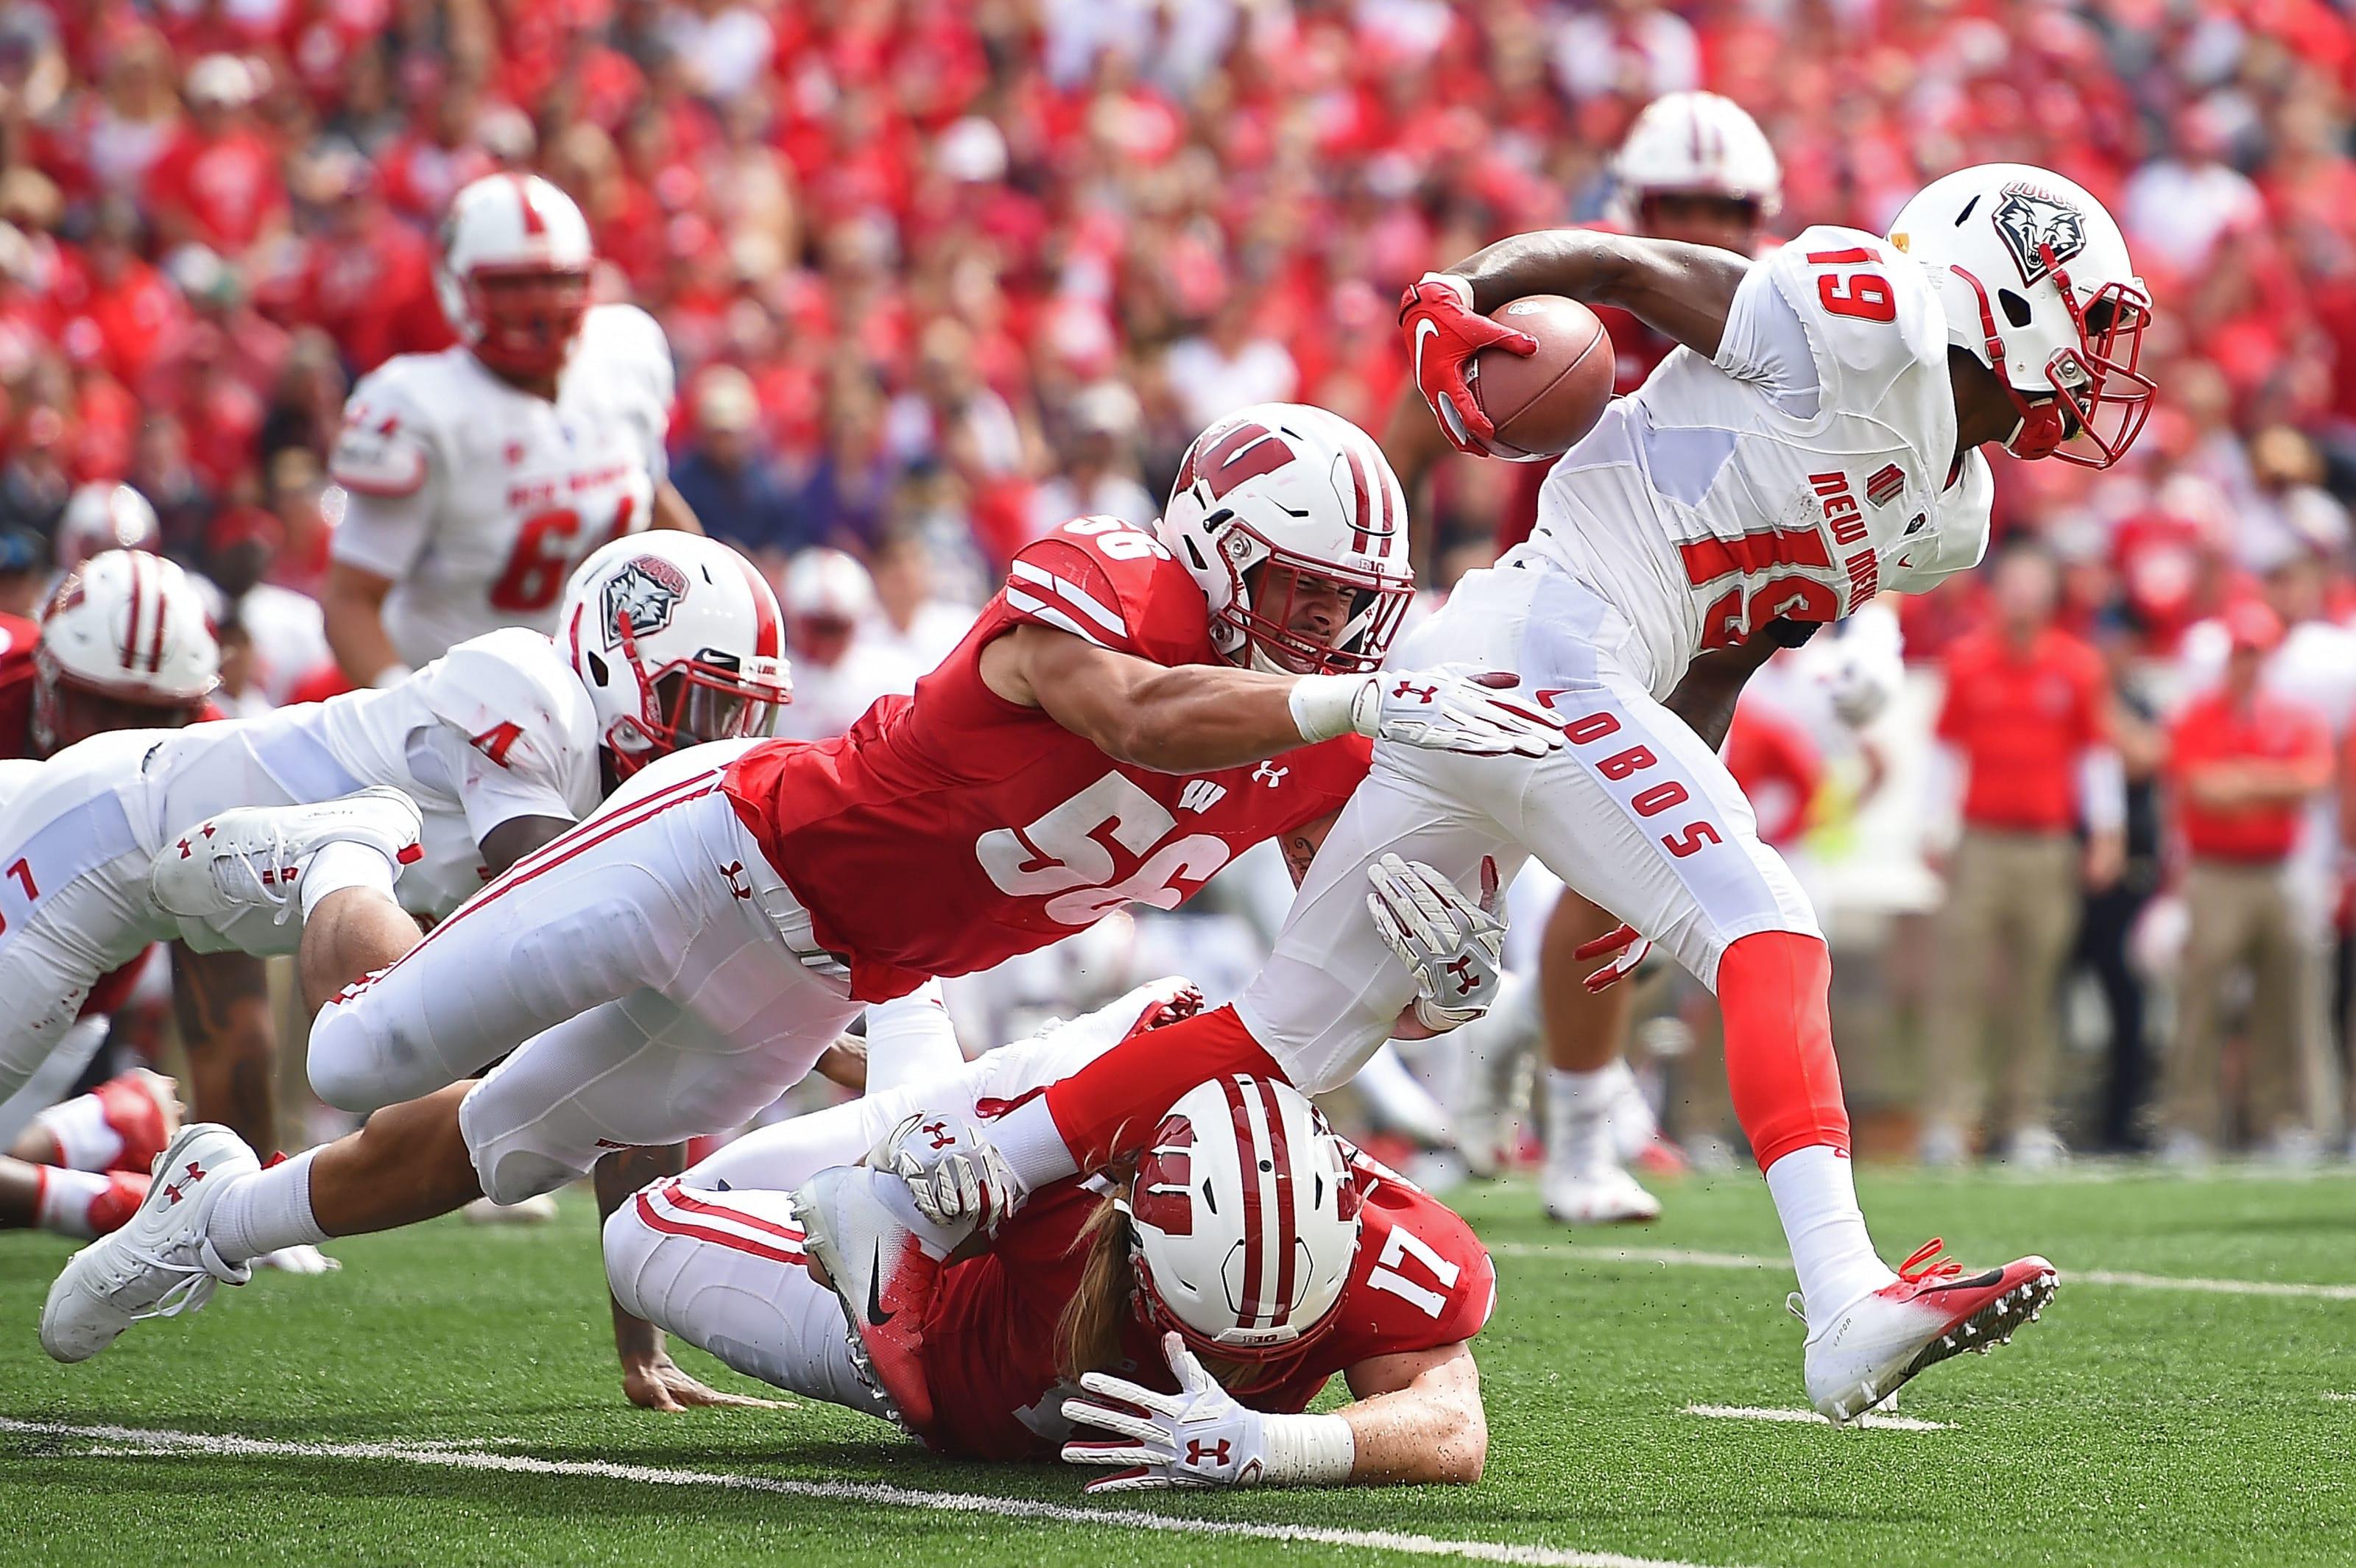 Wisconsin linebacker Zack Baun